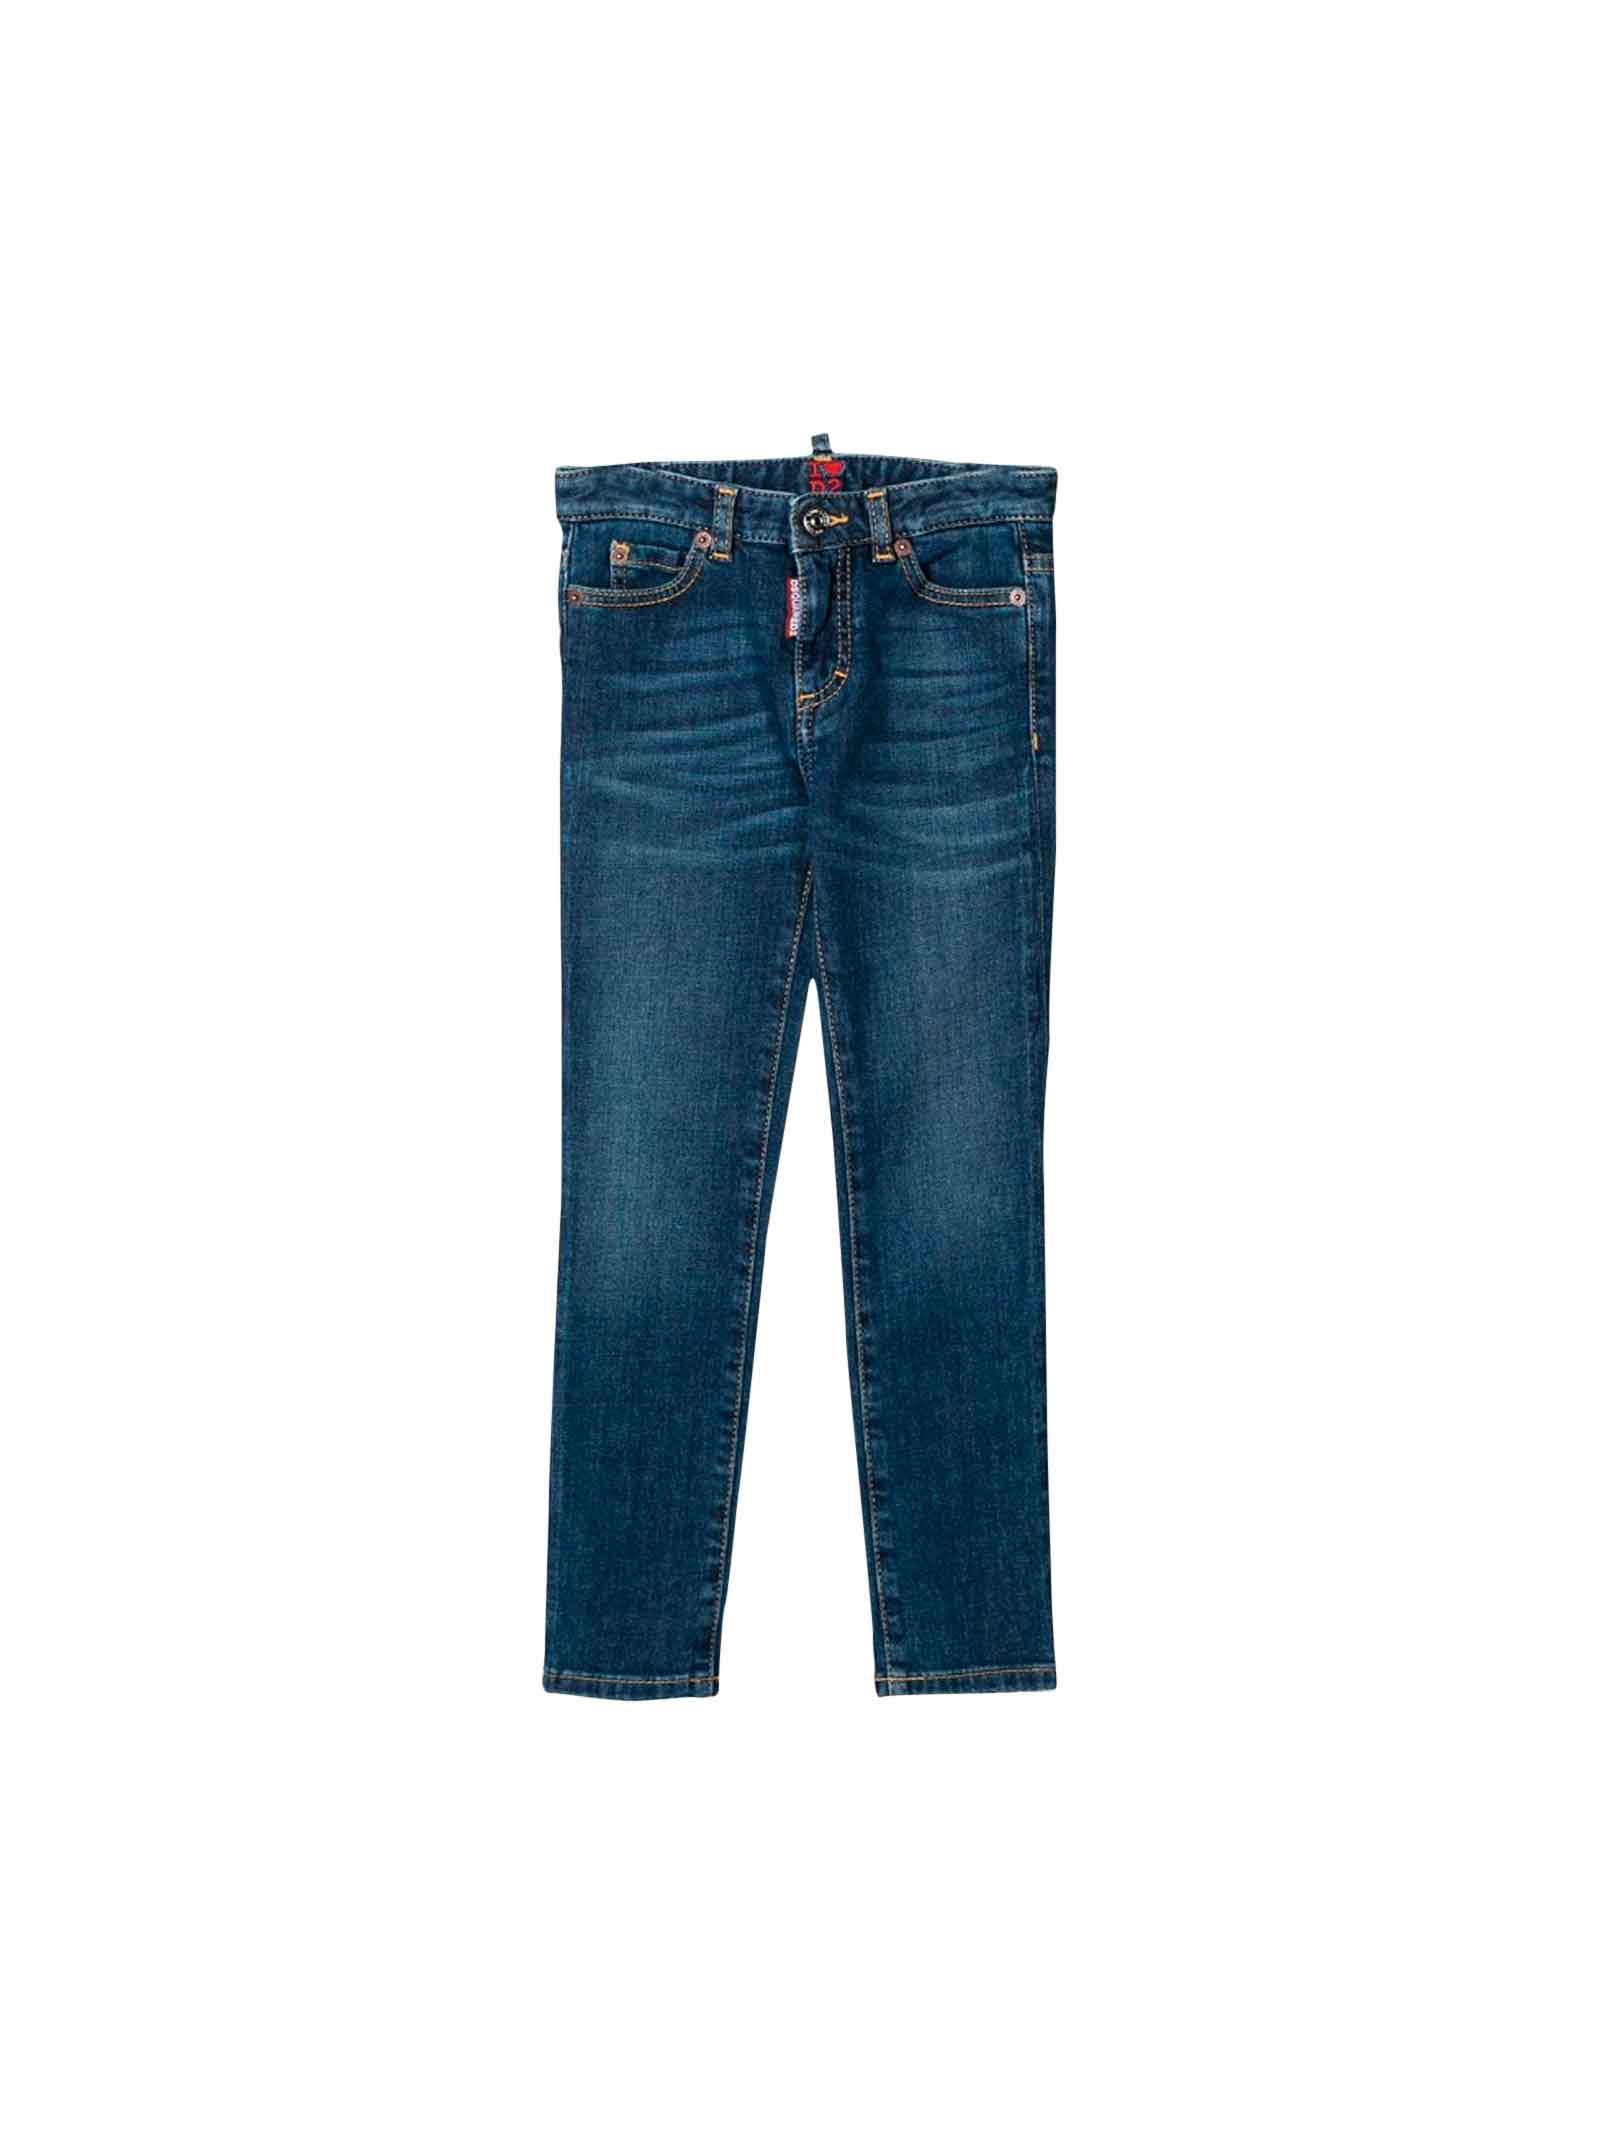 Blue Jeans Dsquared2 Dsquared2 Jeans Blue Blue Jeans Skinny Skinny Skinny Dsquared2 Dsquared2 oeBWxrdC